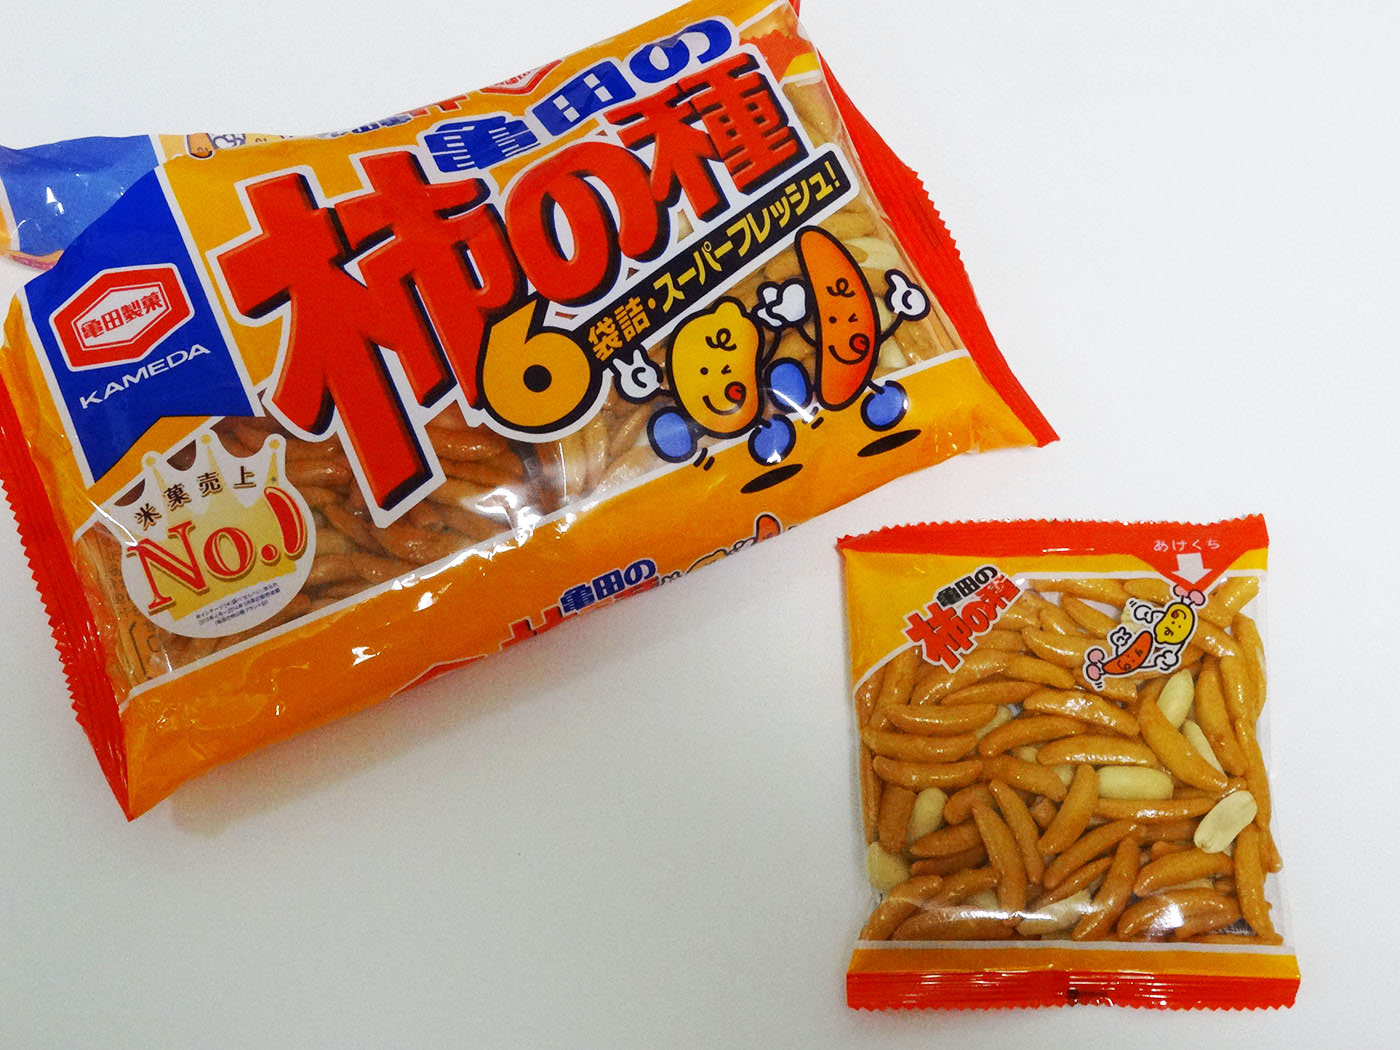 柿の種の新商品タネザック発売もべビスタと被る?食感と味に期待!